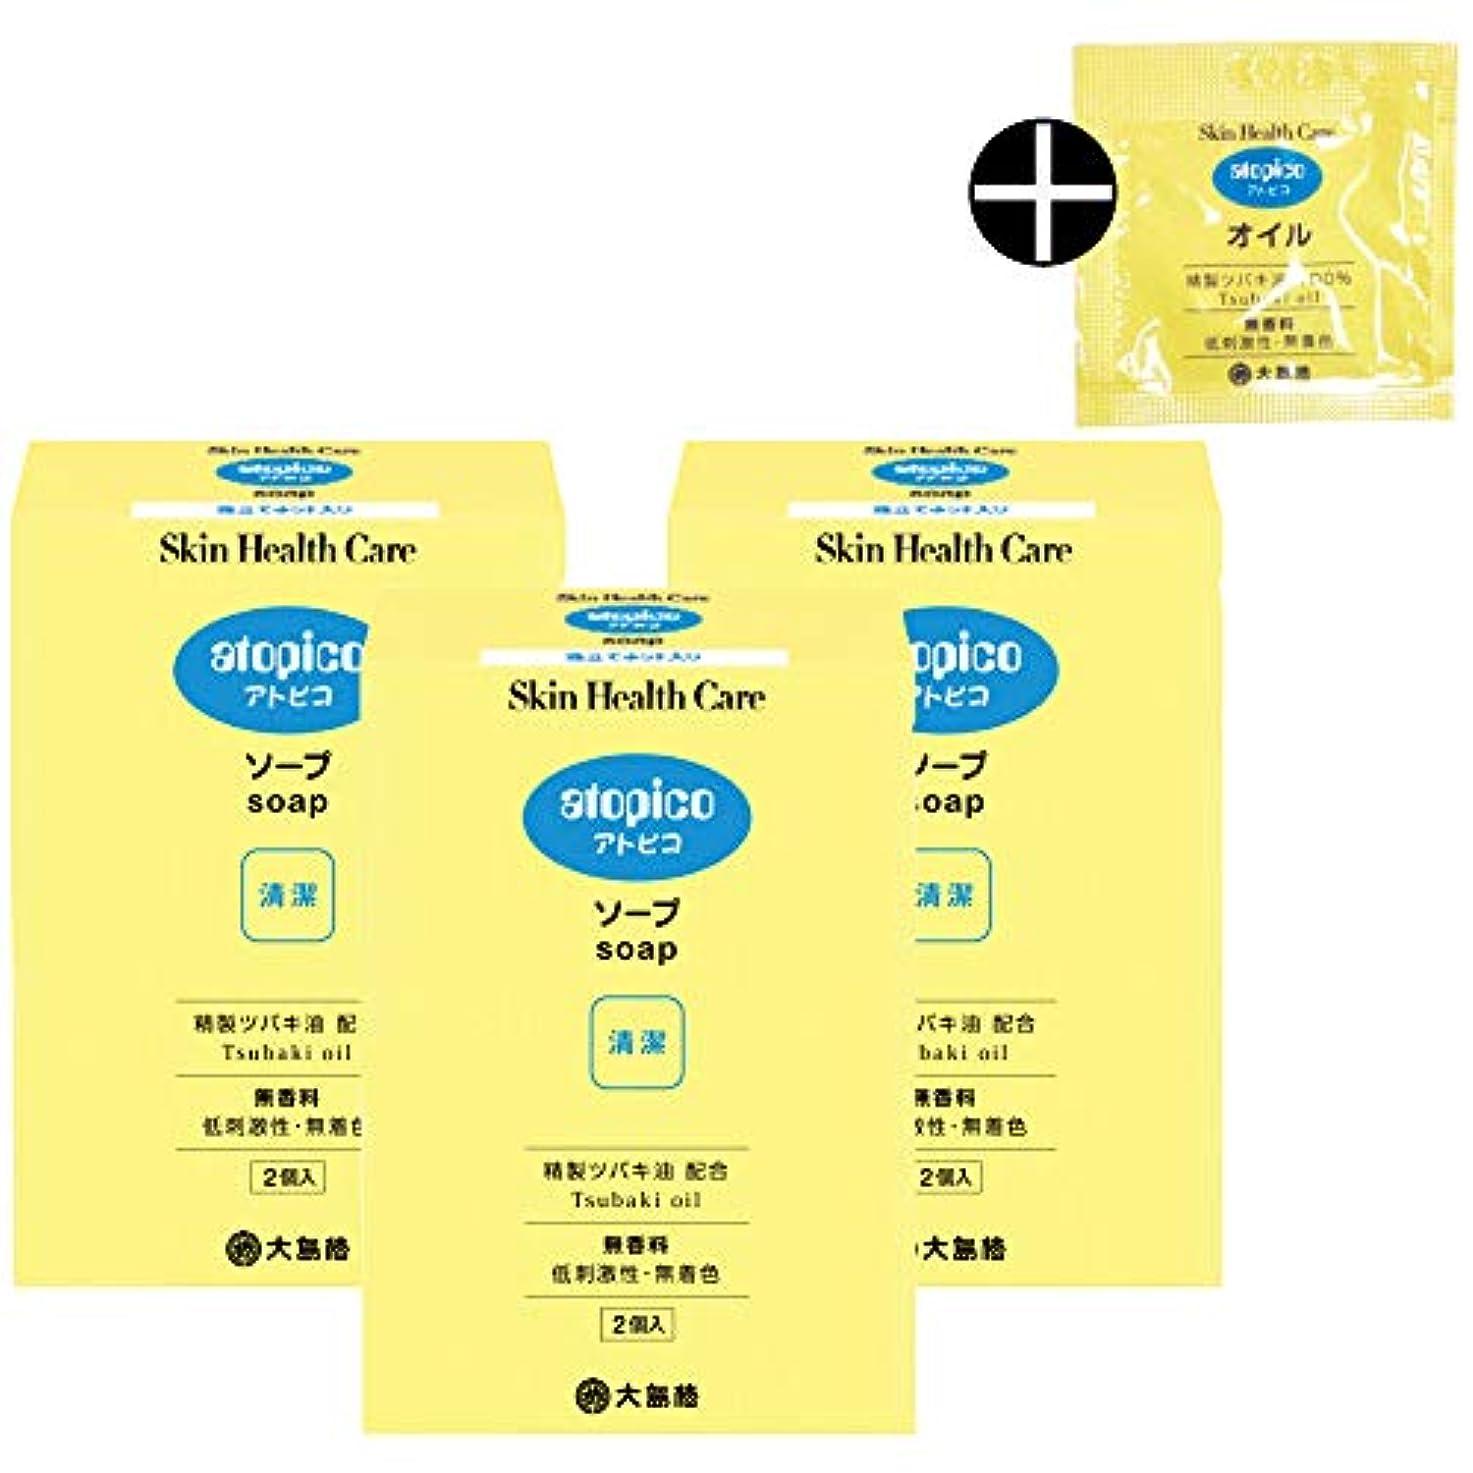 研究所グロー【公式】大島椿 アトピコ スキンヘルスケア ソープ 70g2個入×3箱 サンプル付セット